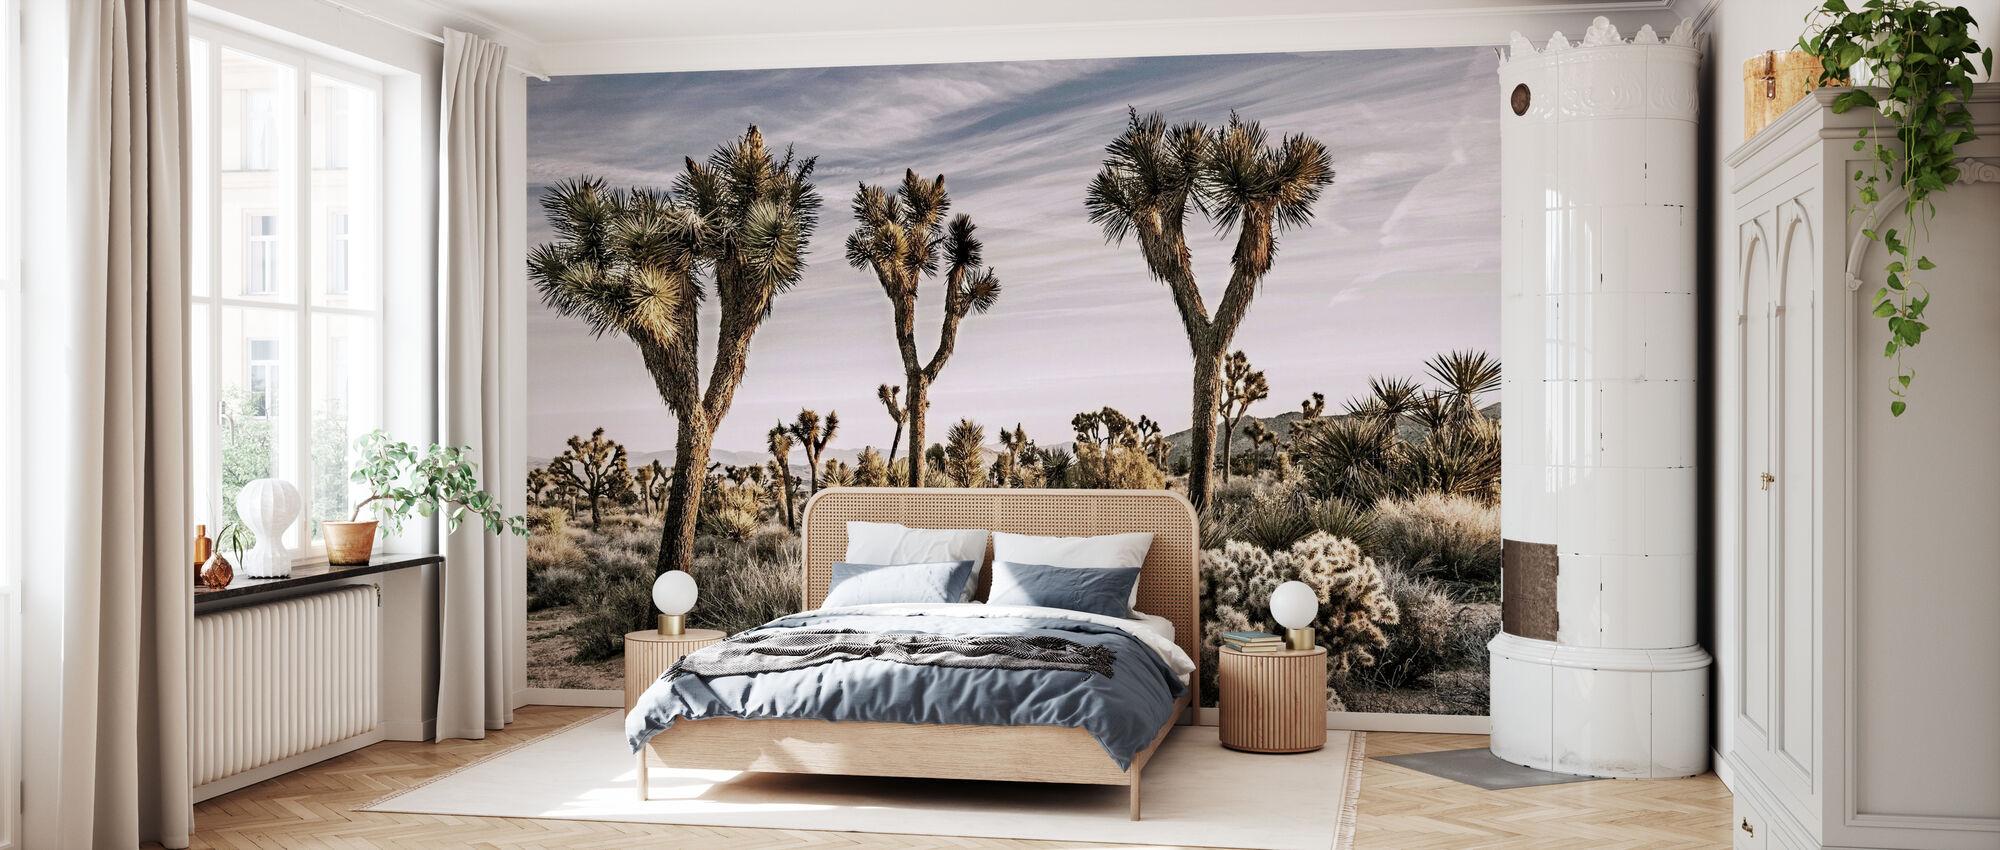 Views of Joshua Tree - Wallpaper - Bedroom